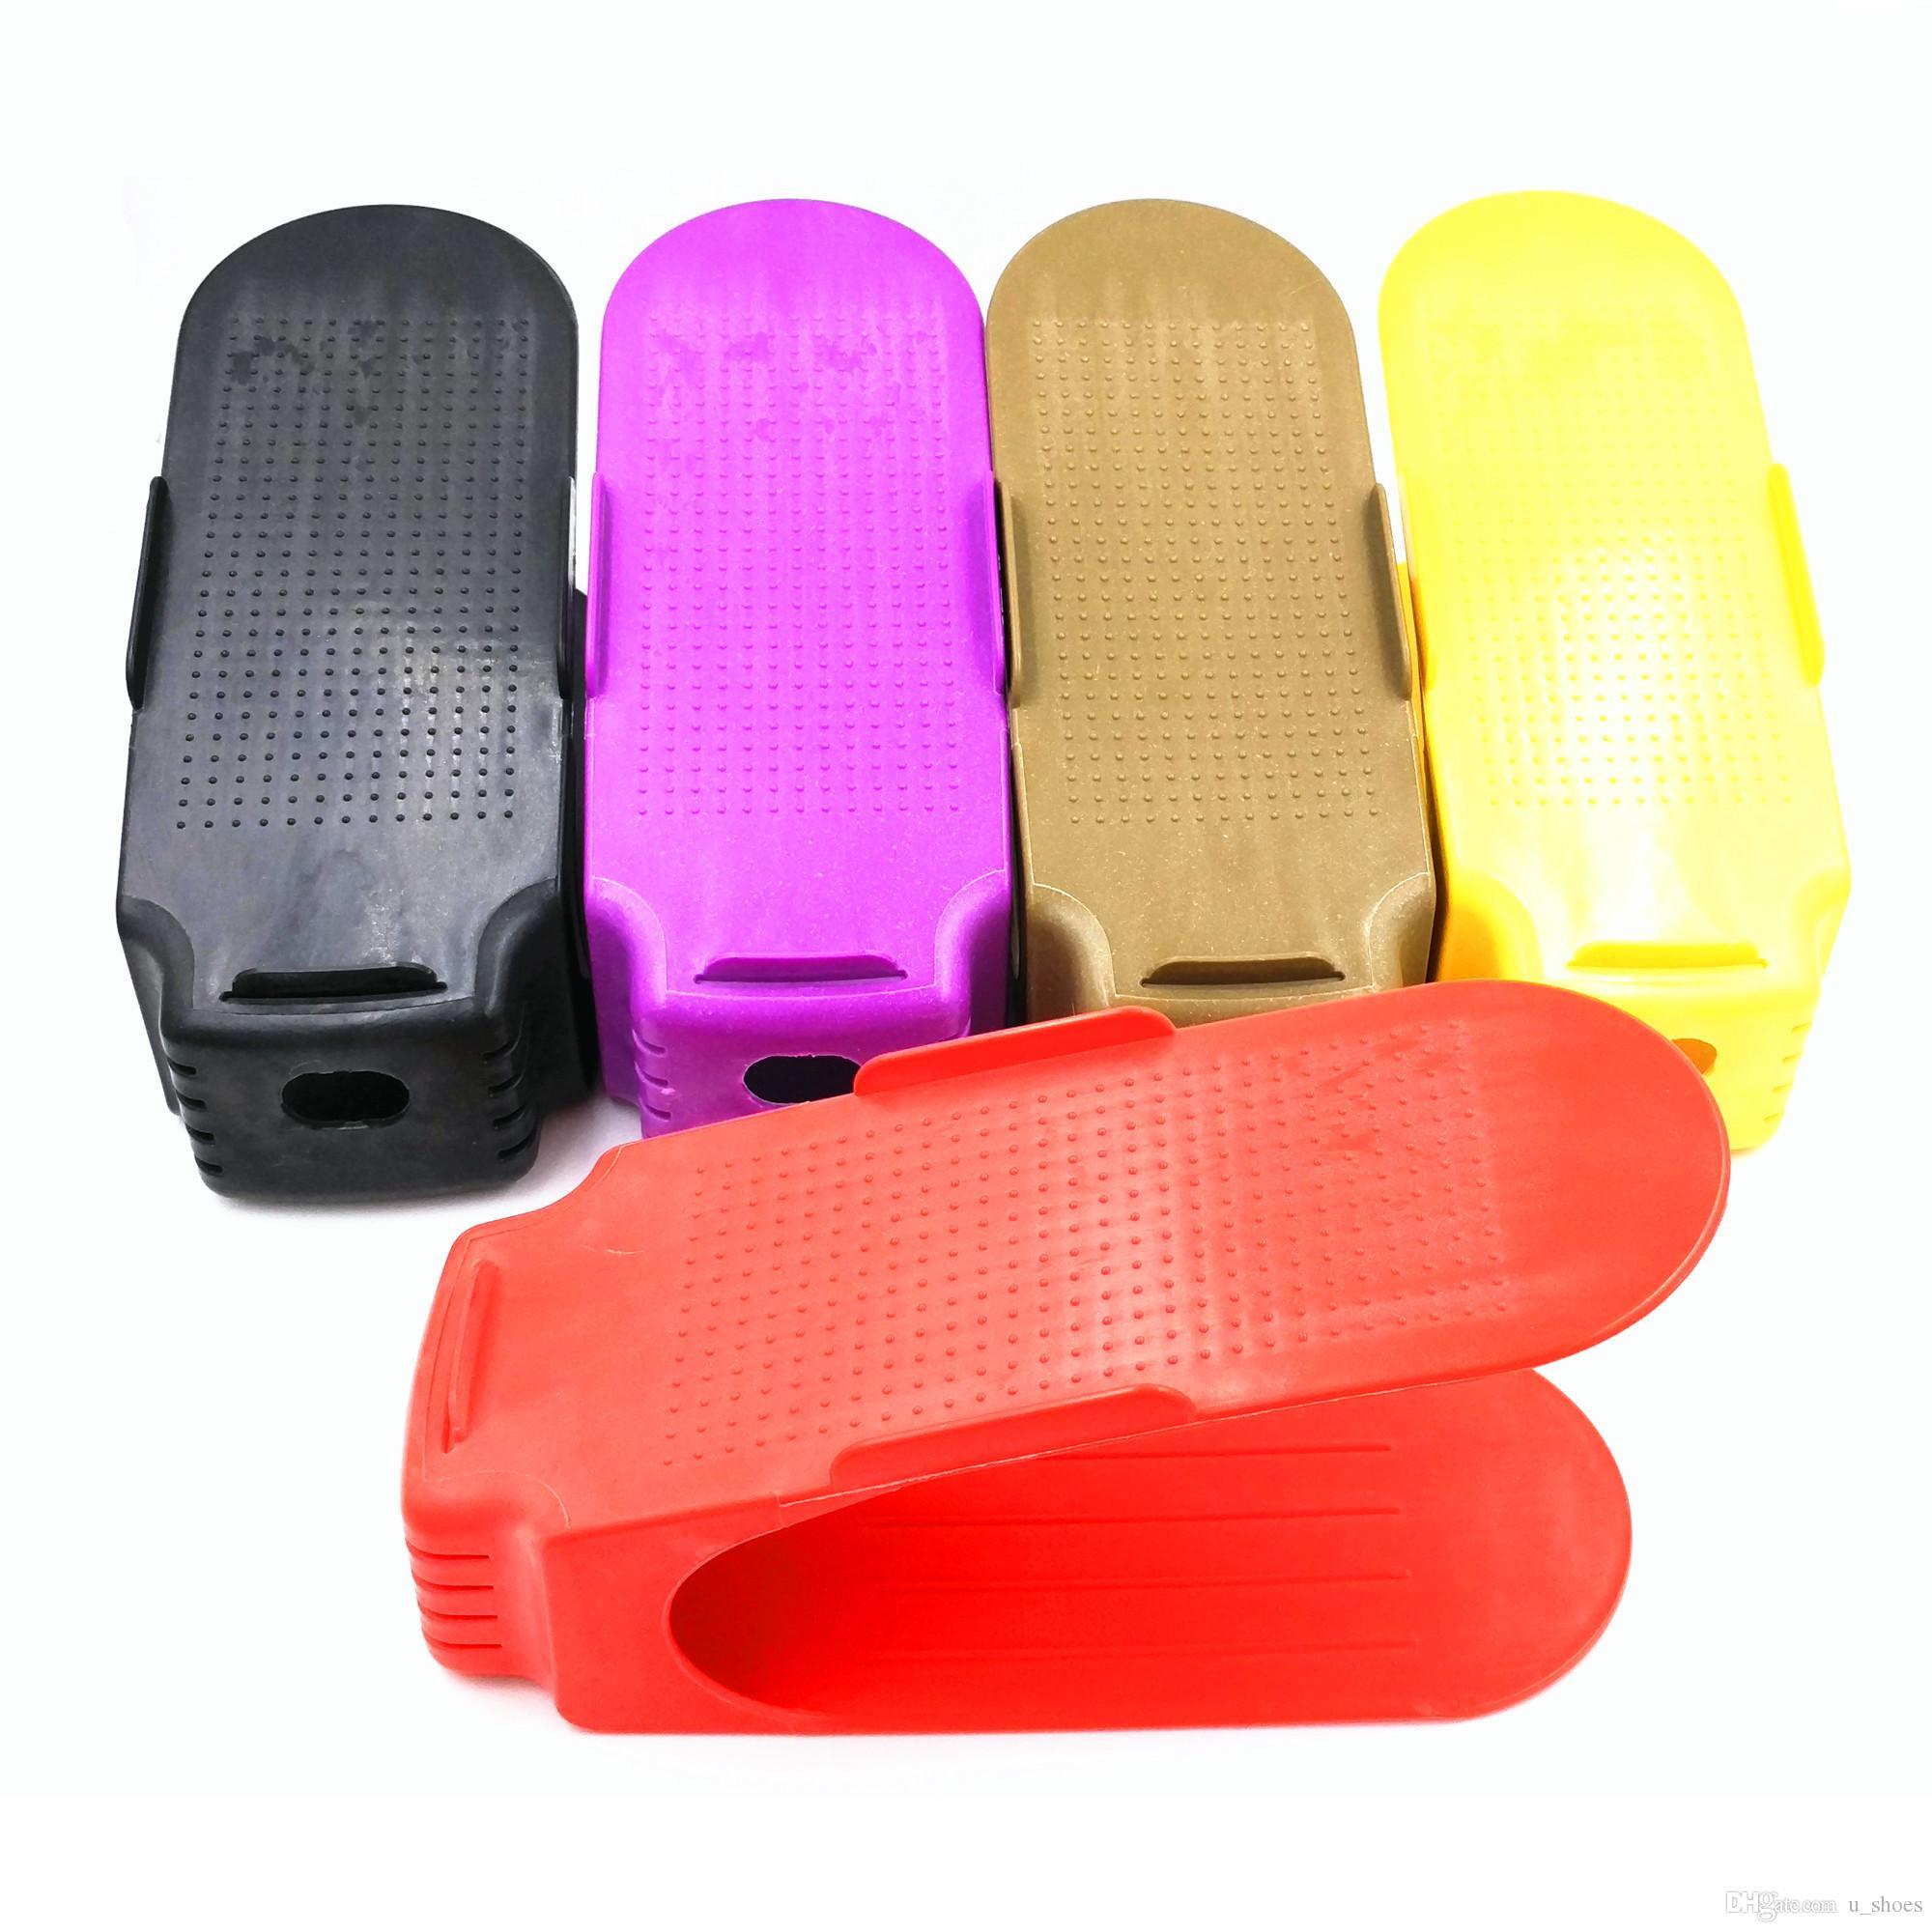 Fornitura di mobili la casa Rack di stoccaggio integrato Tipo Ispessimento Semplice plastica Carino tinta unita Scarpe Indoor Rock Spedizione gratuita